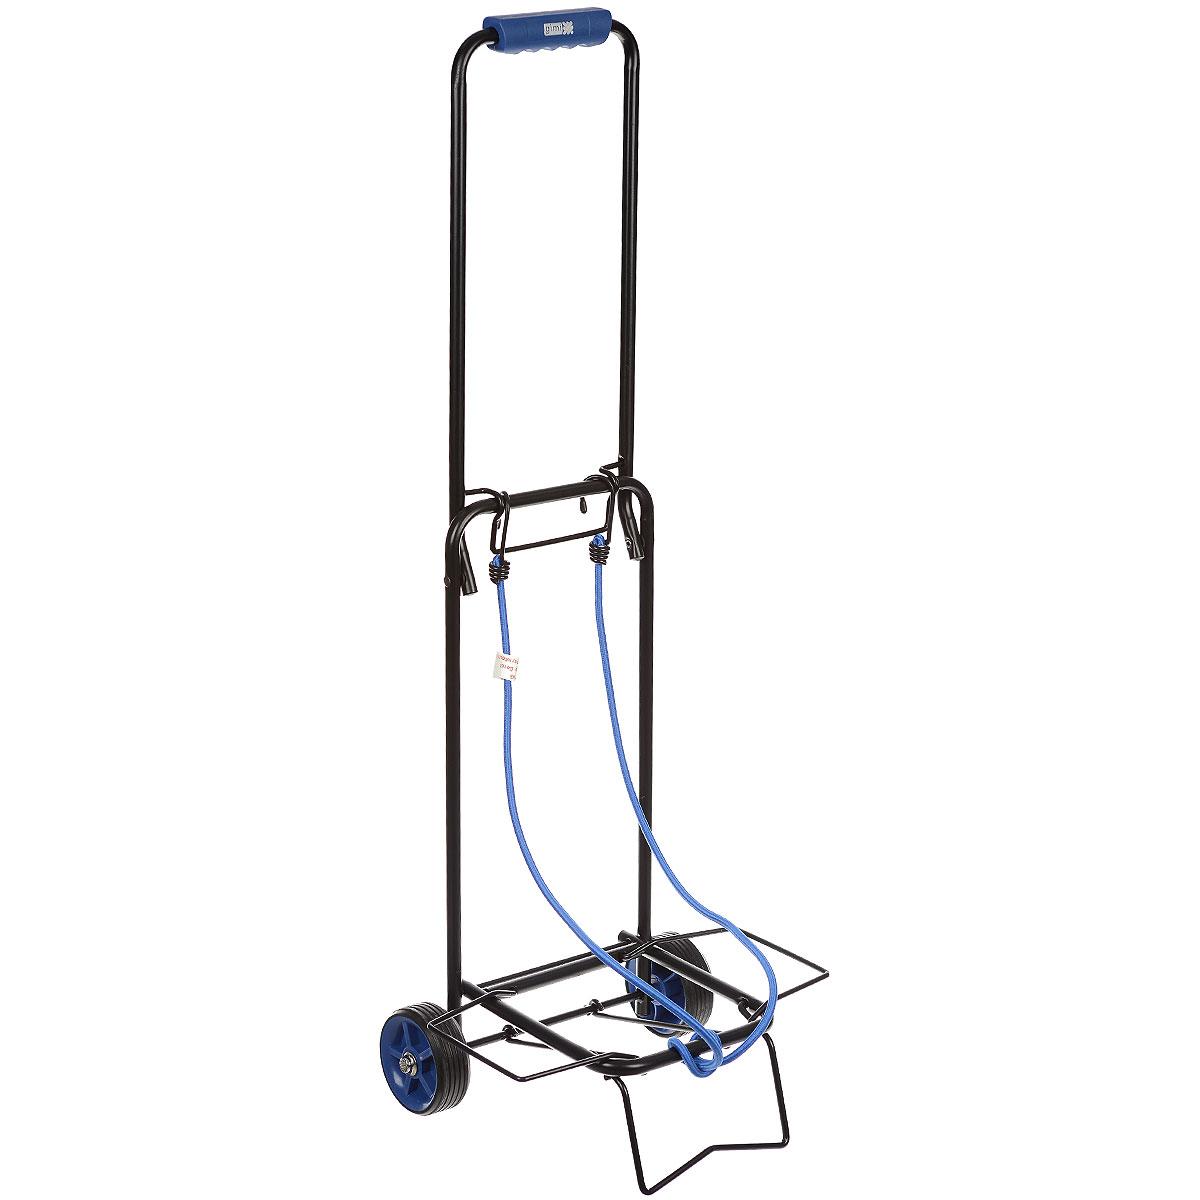 Тележка хозяйственная Atos, до 30 кг, цвет: синий15040400_синийХозяйственная тележка Atos, выполненная из окрашенной стали и пластика, пригодится каждой хозяйке! Тележка предназначена для перевозки различных грузов: чемоданов, коробок. Тележка имеет эластичные ремни для крепления груза. Компактно собирается и не занимает много места.Размер в собранном виде: 31 см x 28 см x 86 см.Максимальная нагрузка: 30 кг.